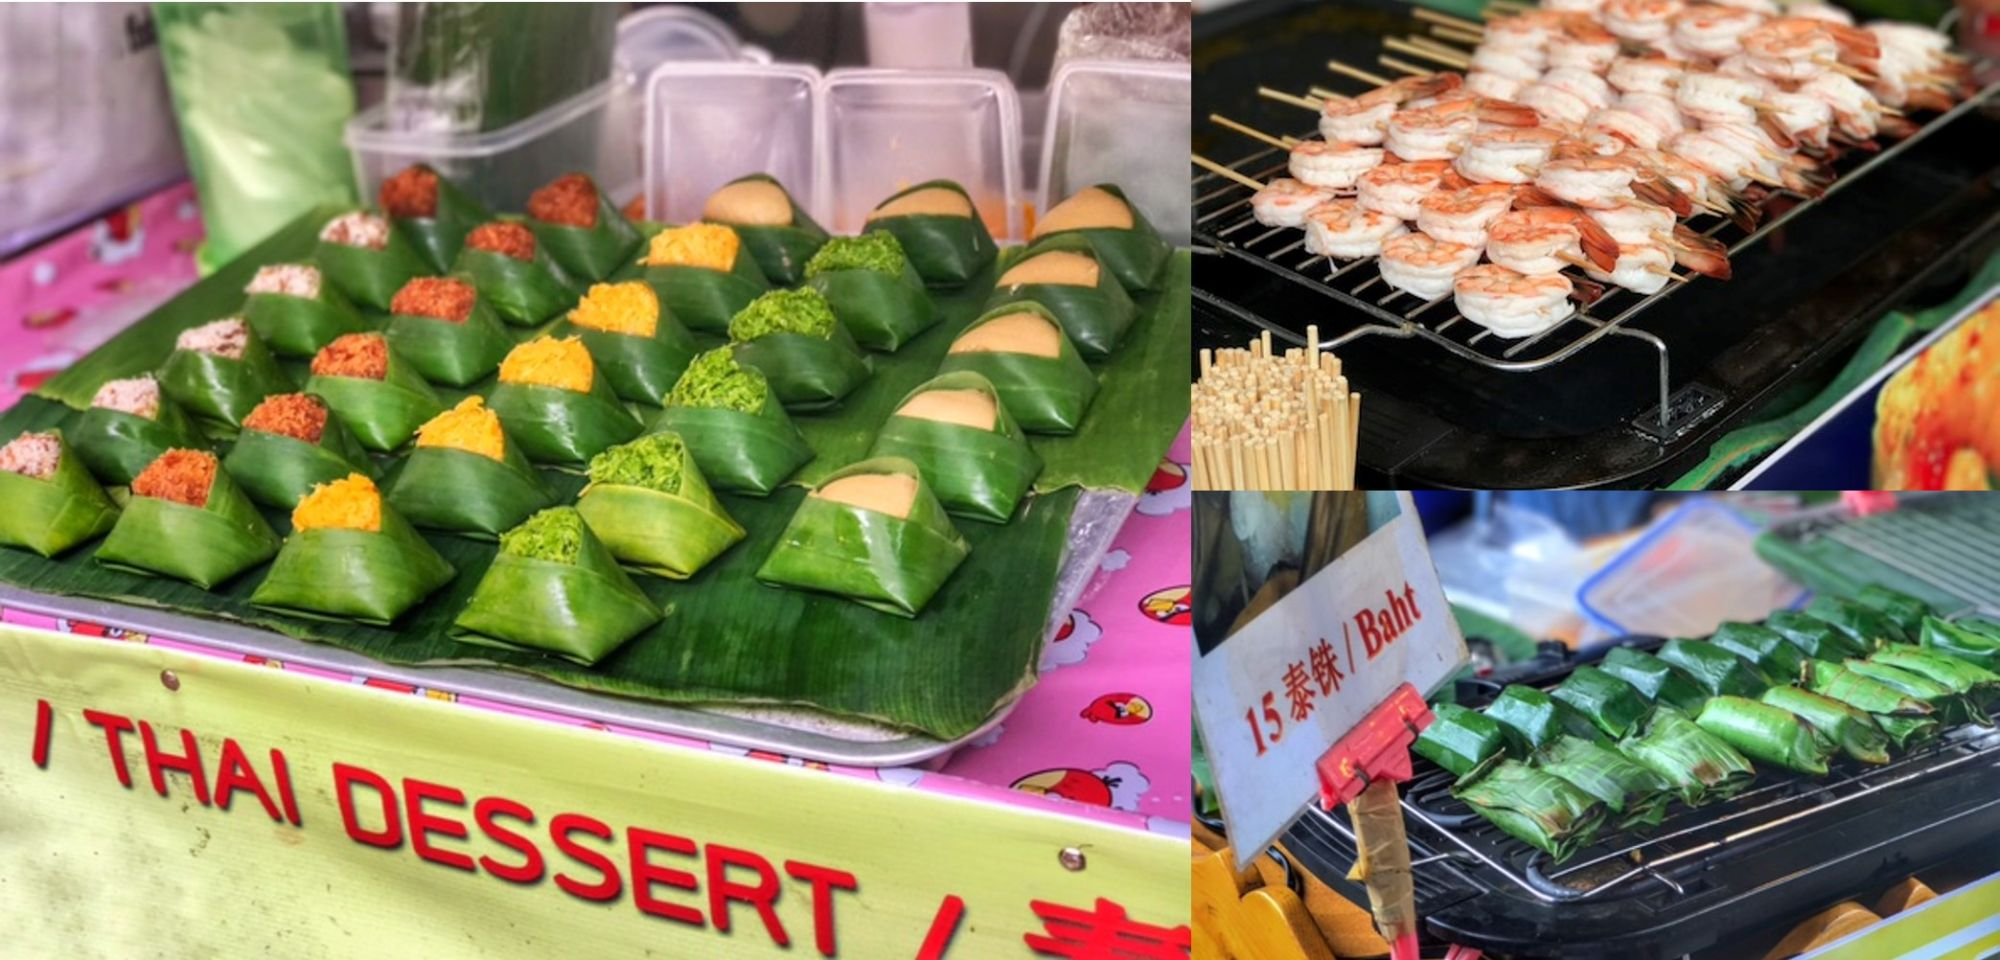 מאכלים תאילנדים טיפוסיים בשוק הצף של פטאיה